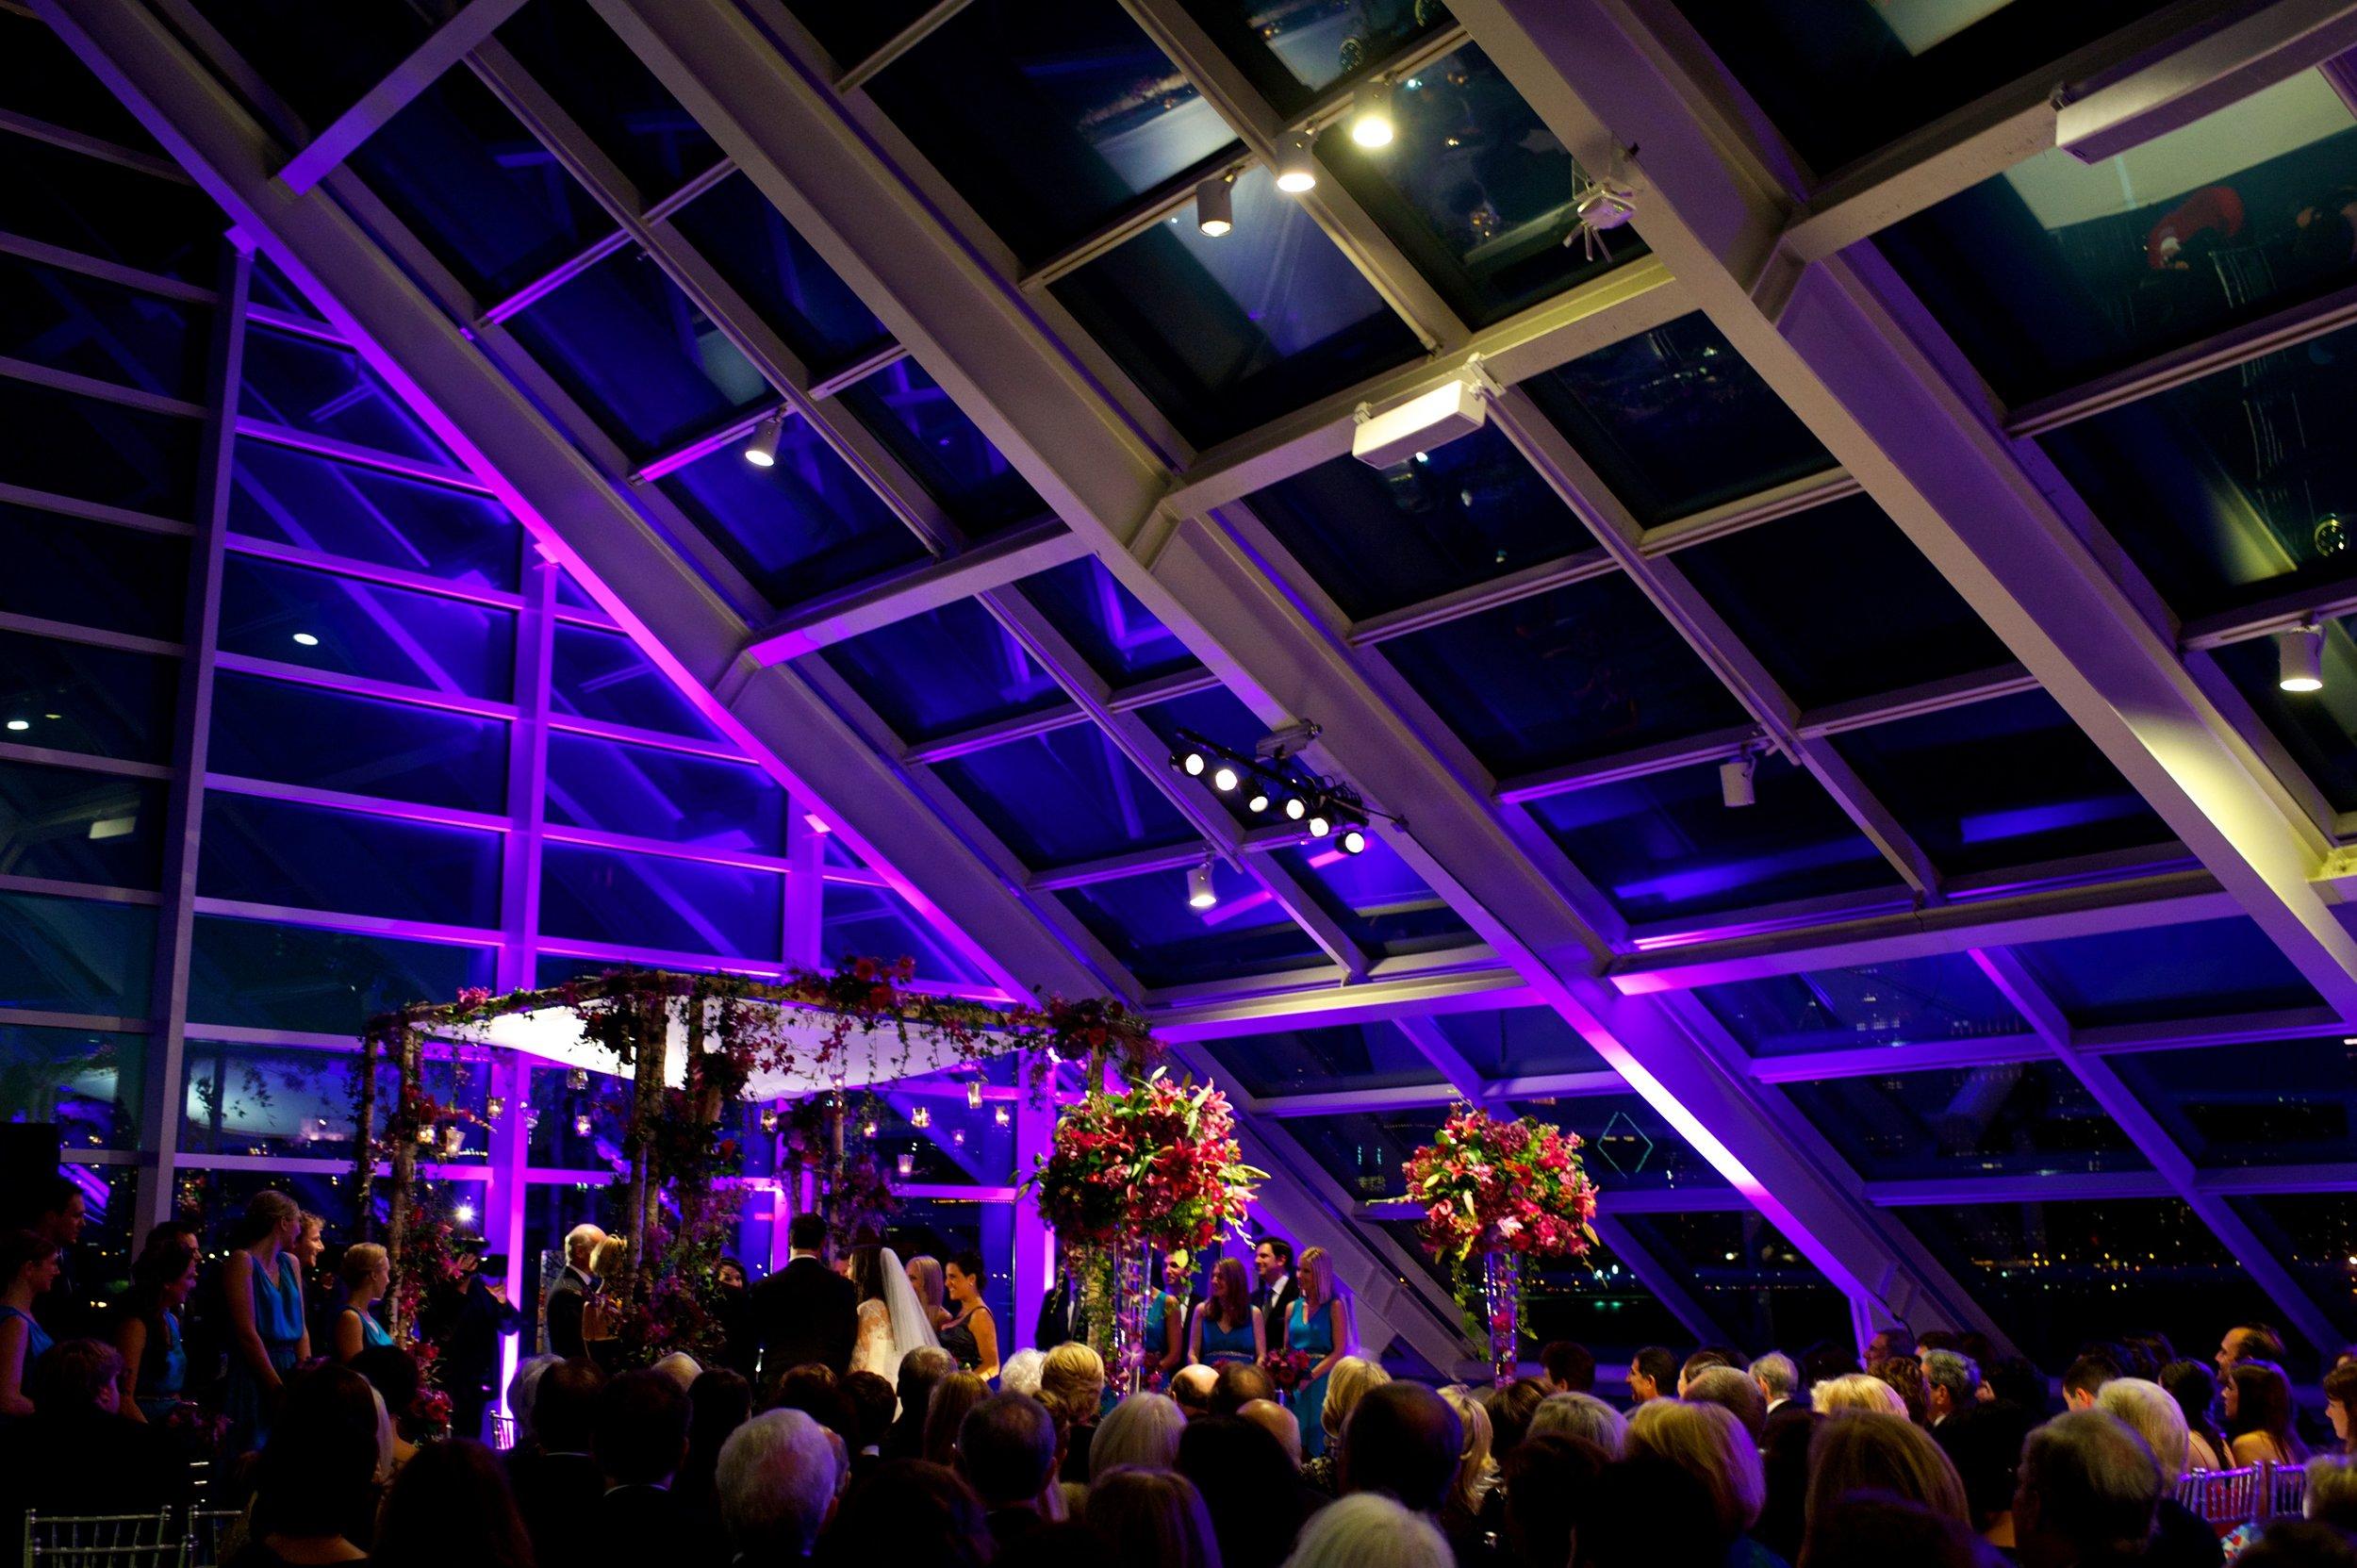 Ceremony at the Adler Planetarium